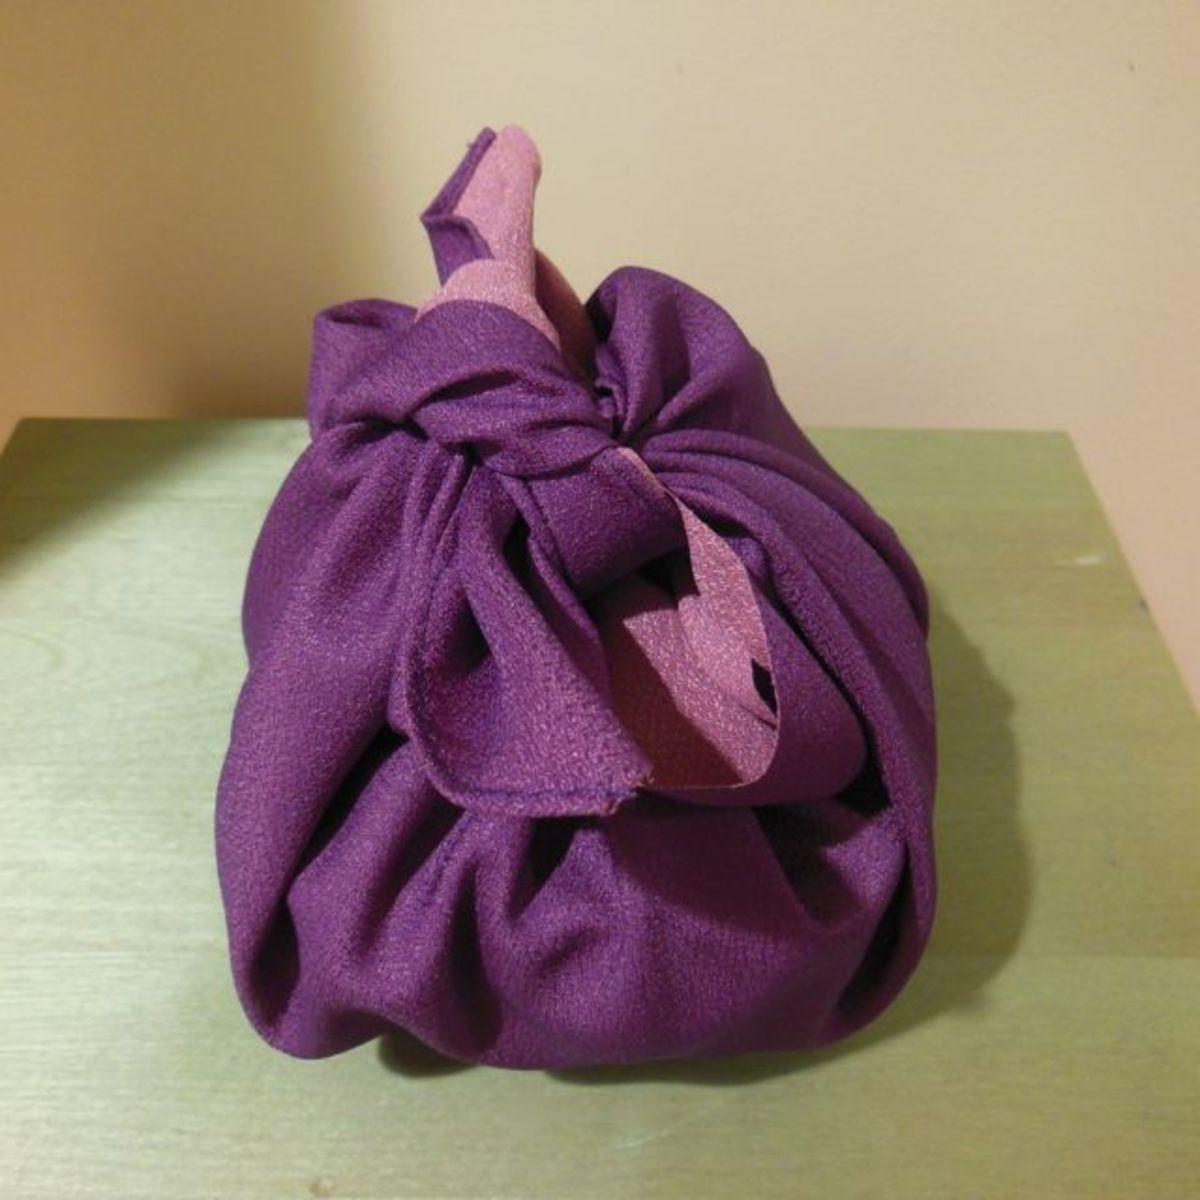 Japanese Gift-Wrapping and Furoshiki